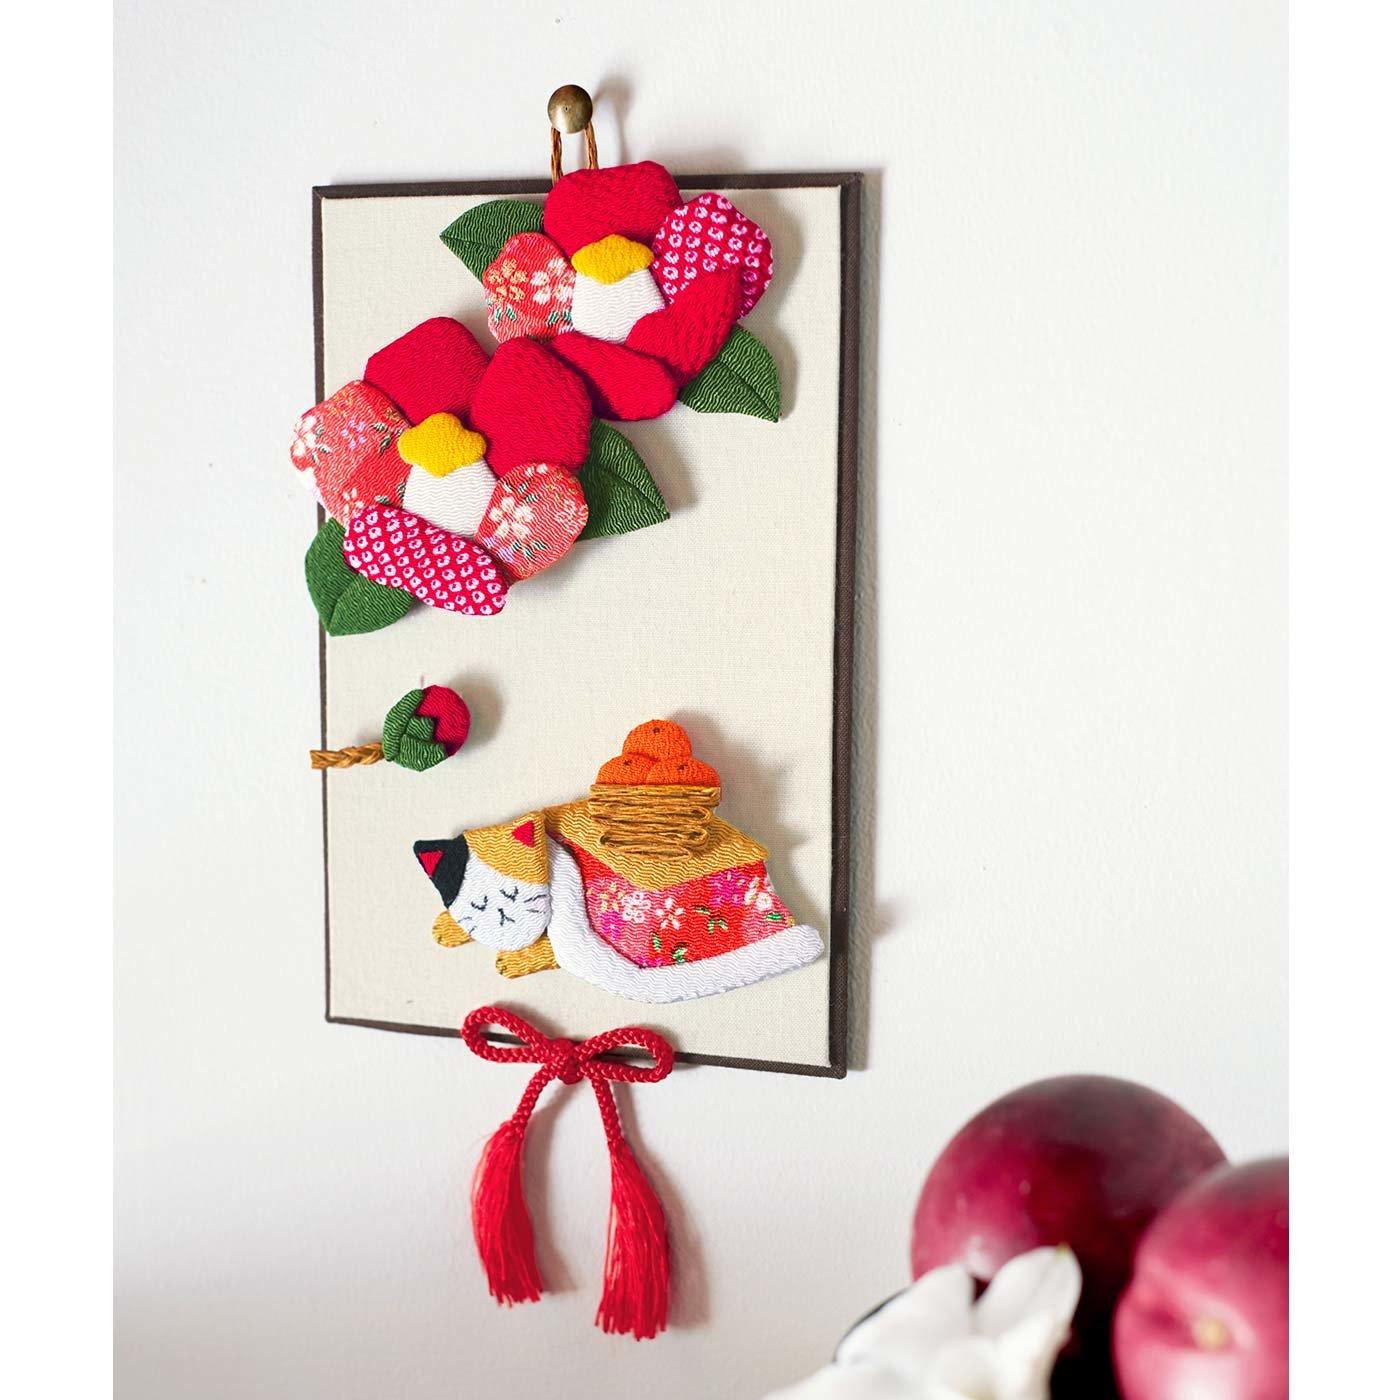 家族と一緒に季節のうつろいを楽しむ 押し絵の壁飾り